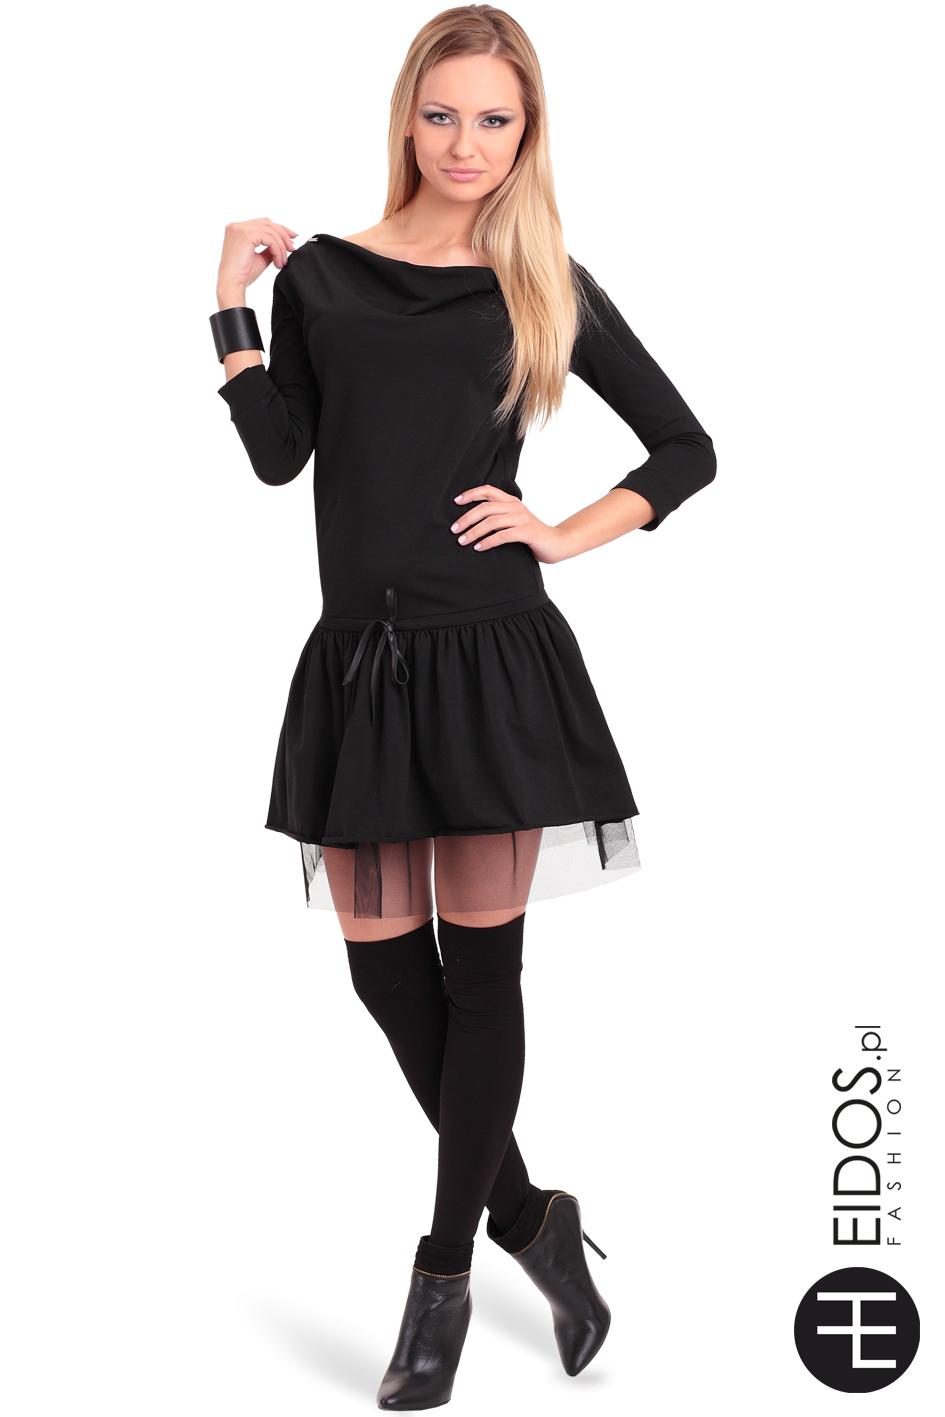 ac7382fa50 MARCELA czarna bawełna - EIDOS.pl